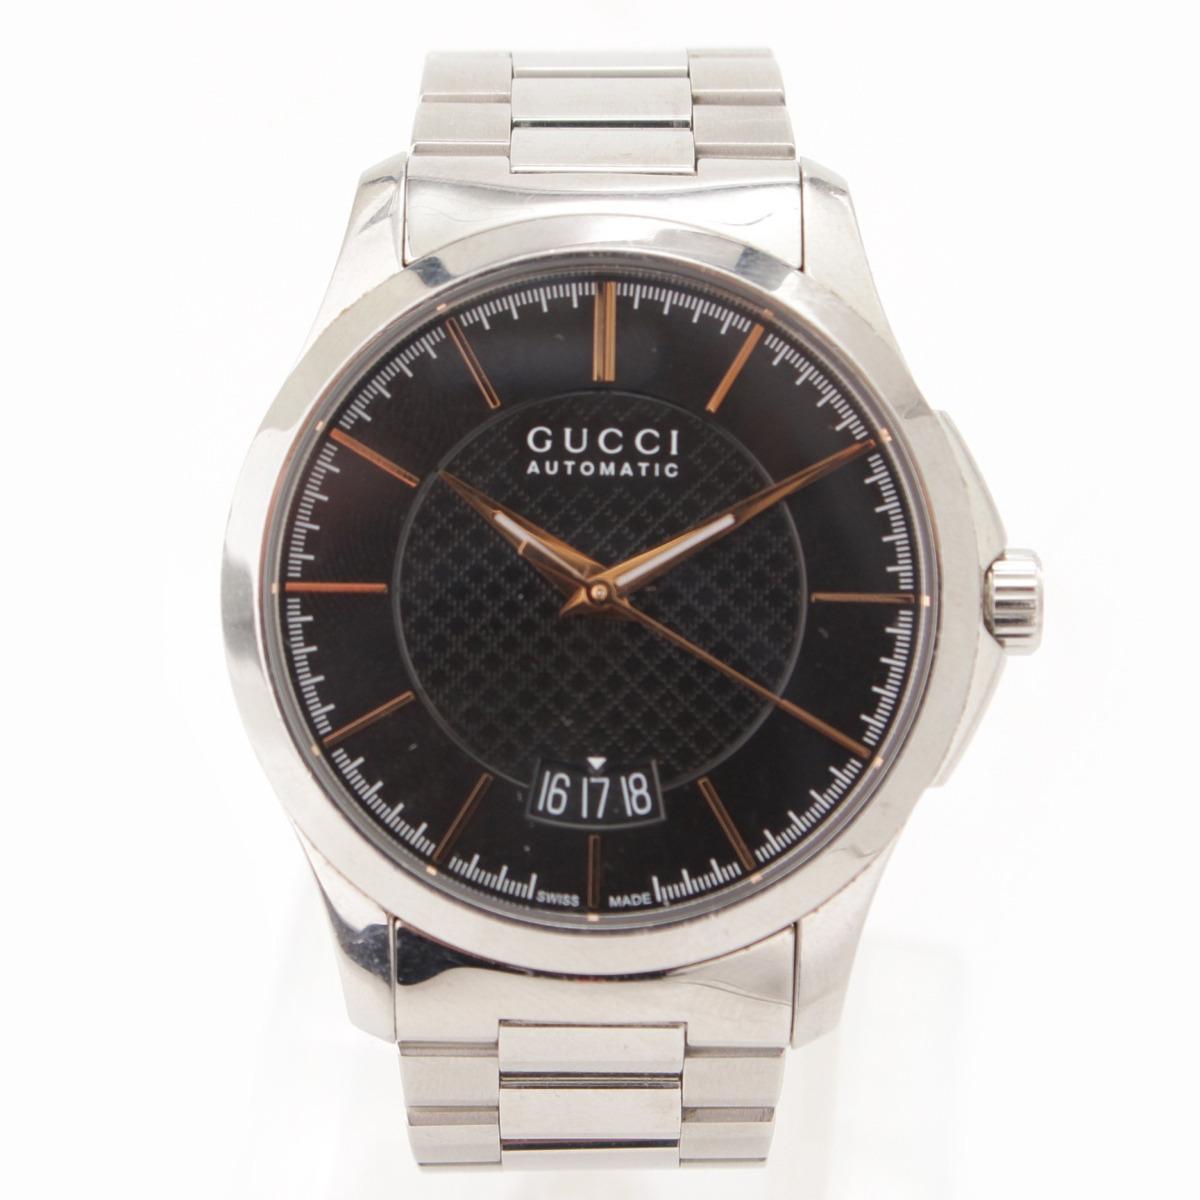 【グッチ】Gucci Gタイムレス 自動巻き SS 腕時計 シルバー ブラック 【中古】【鑑定済・正規品保証】58502